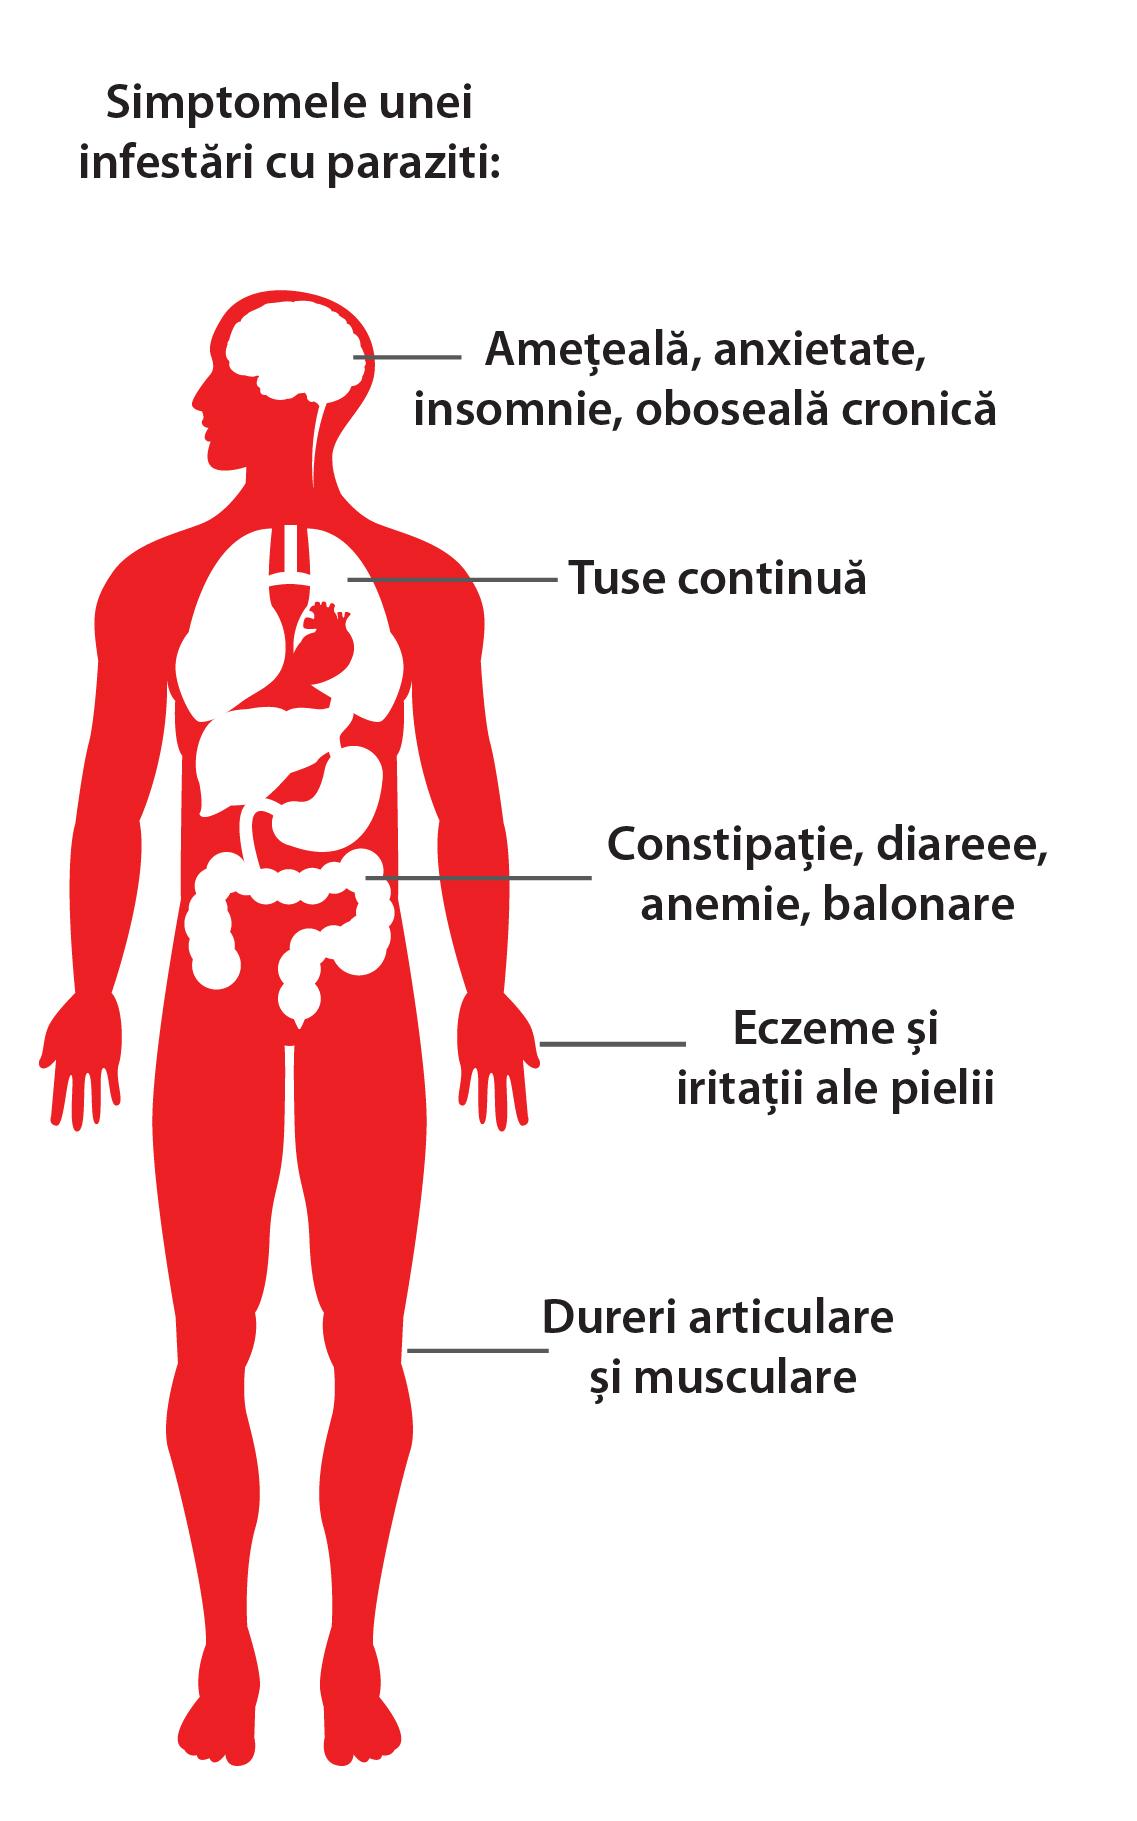 paraziti ai corpului uman